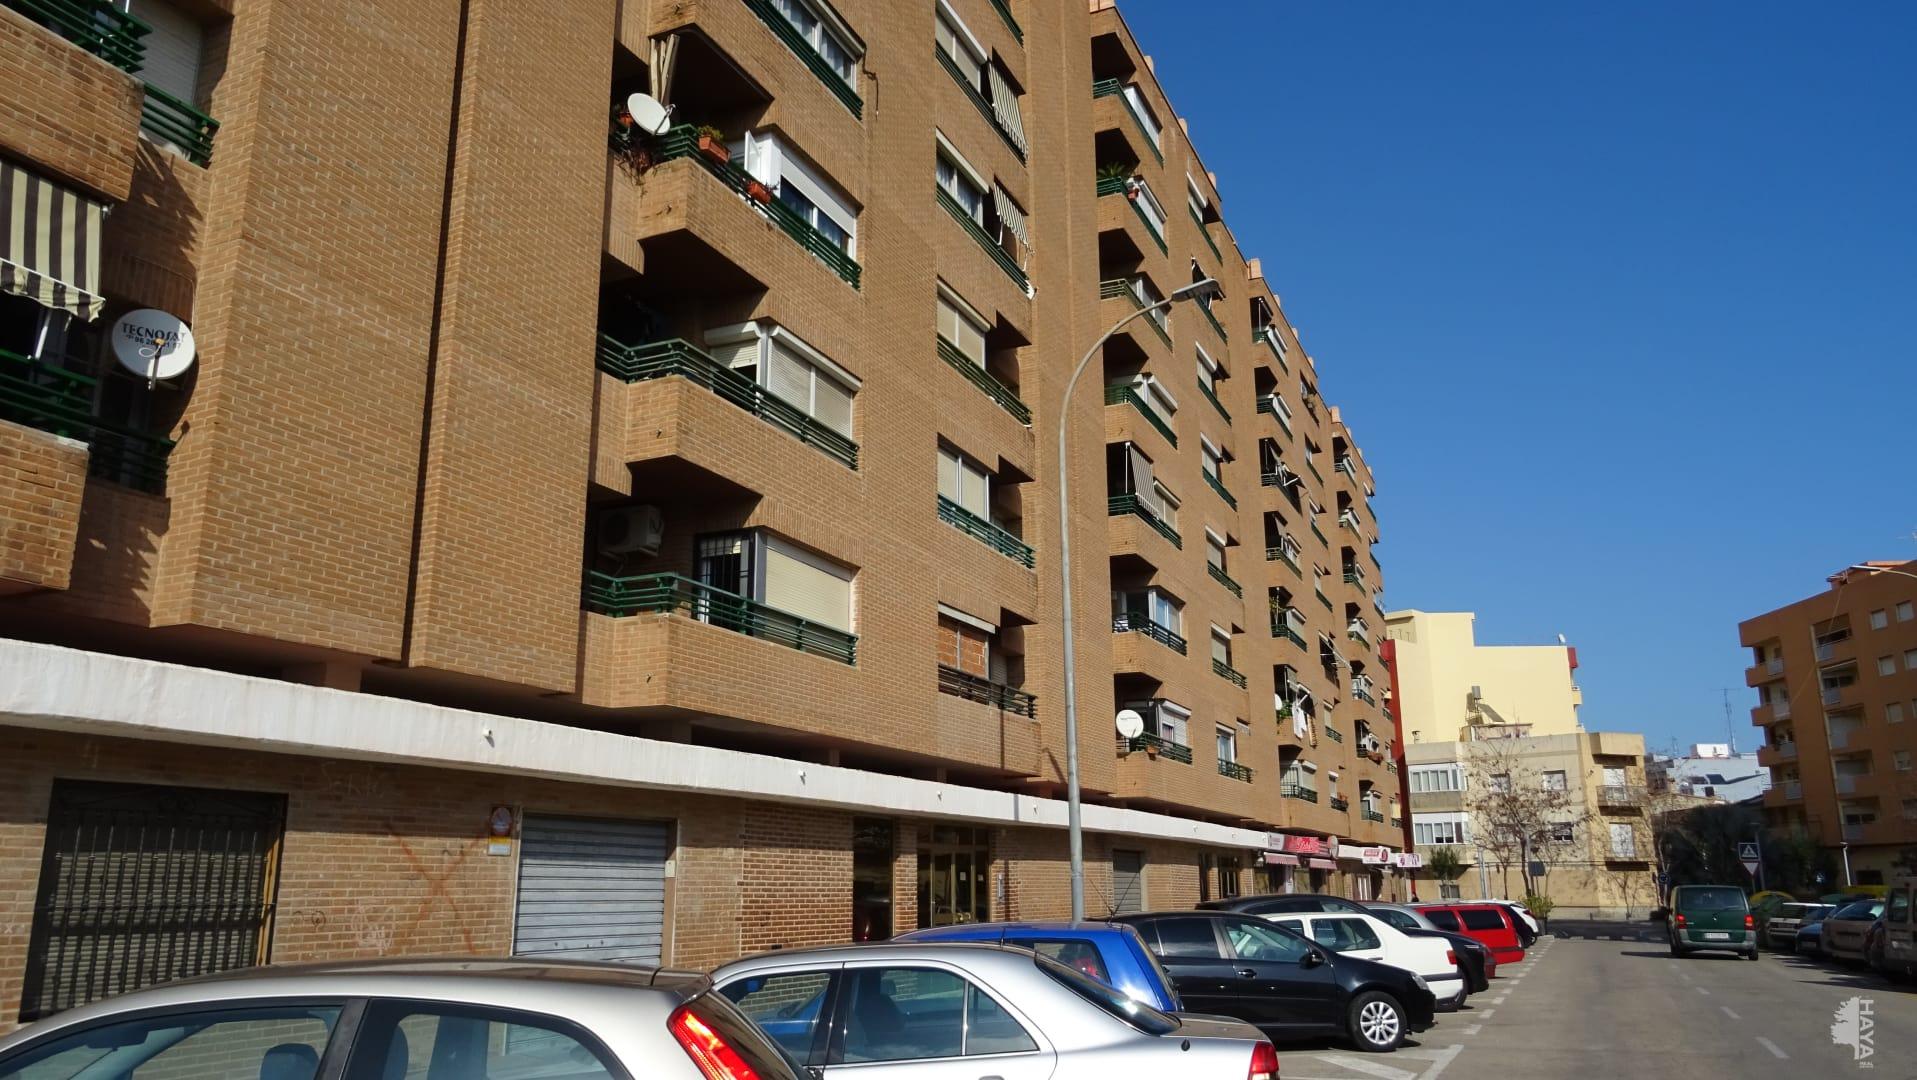 Piso en venta en Gandia, Valencia, Calle Real de Gandia, 91.500 €, 2 baños, 133 m2